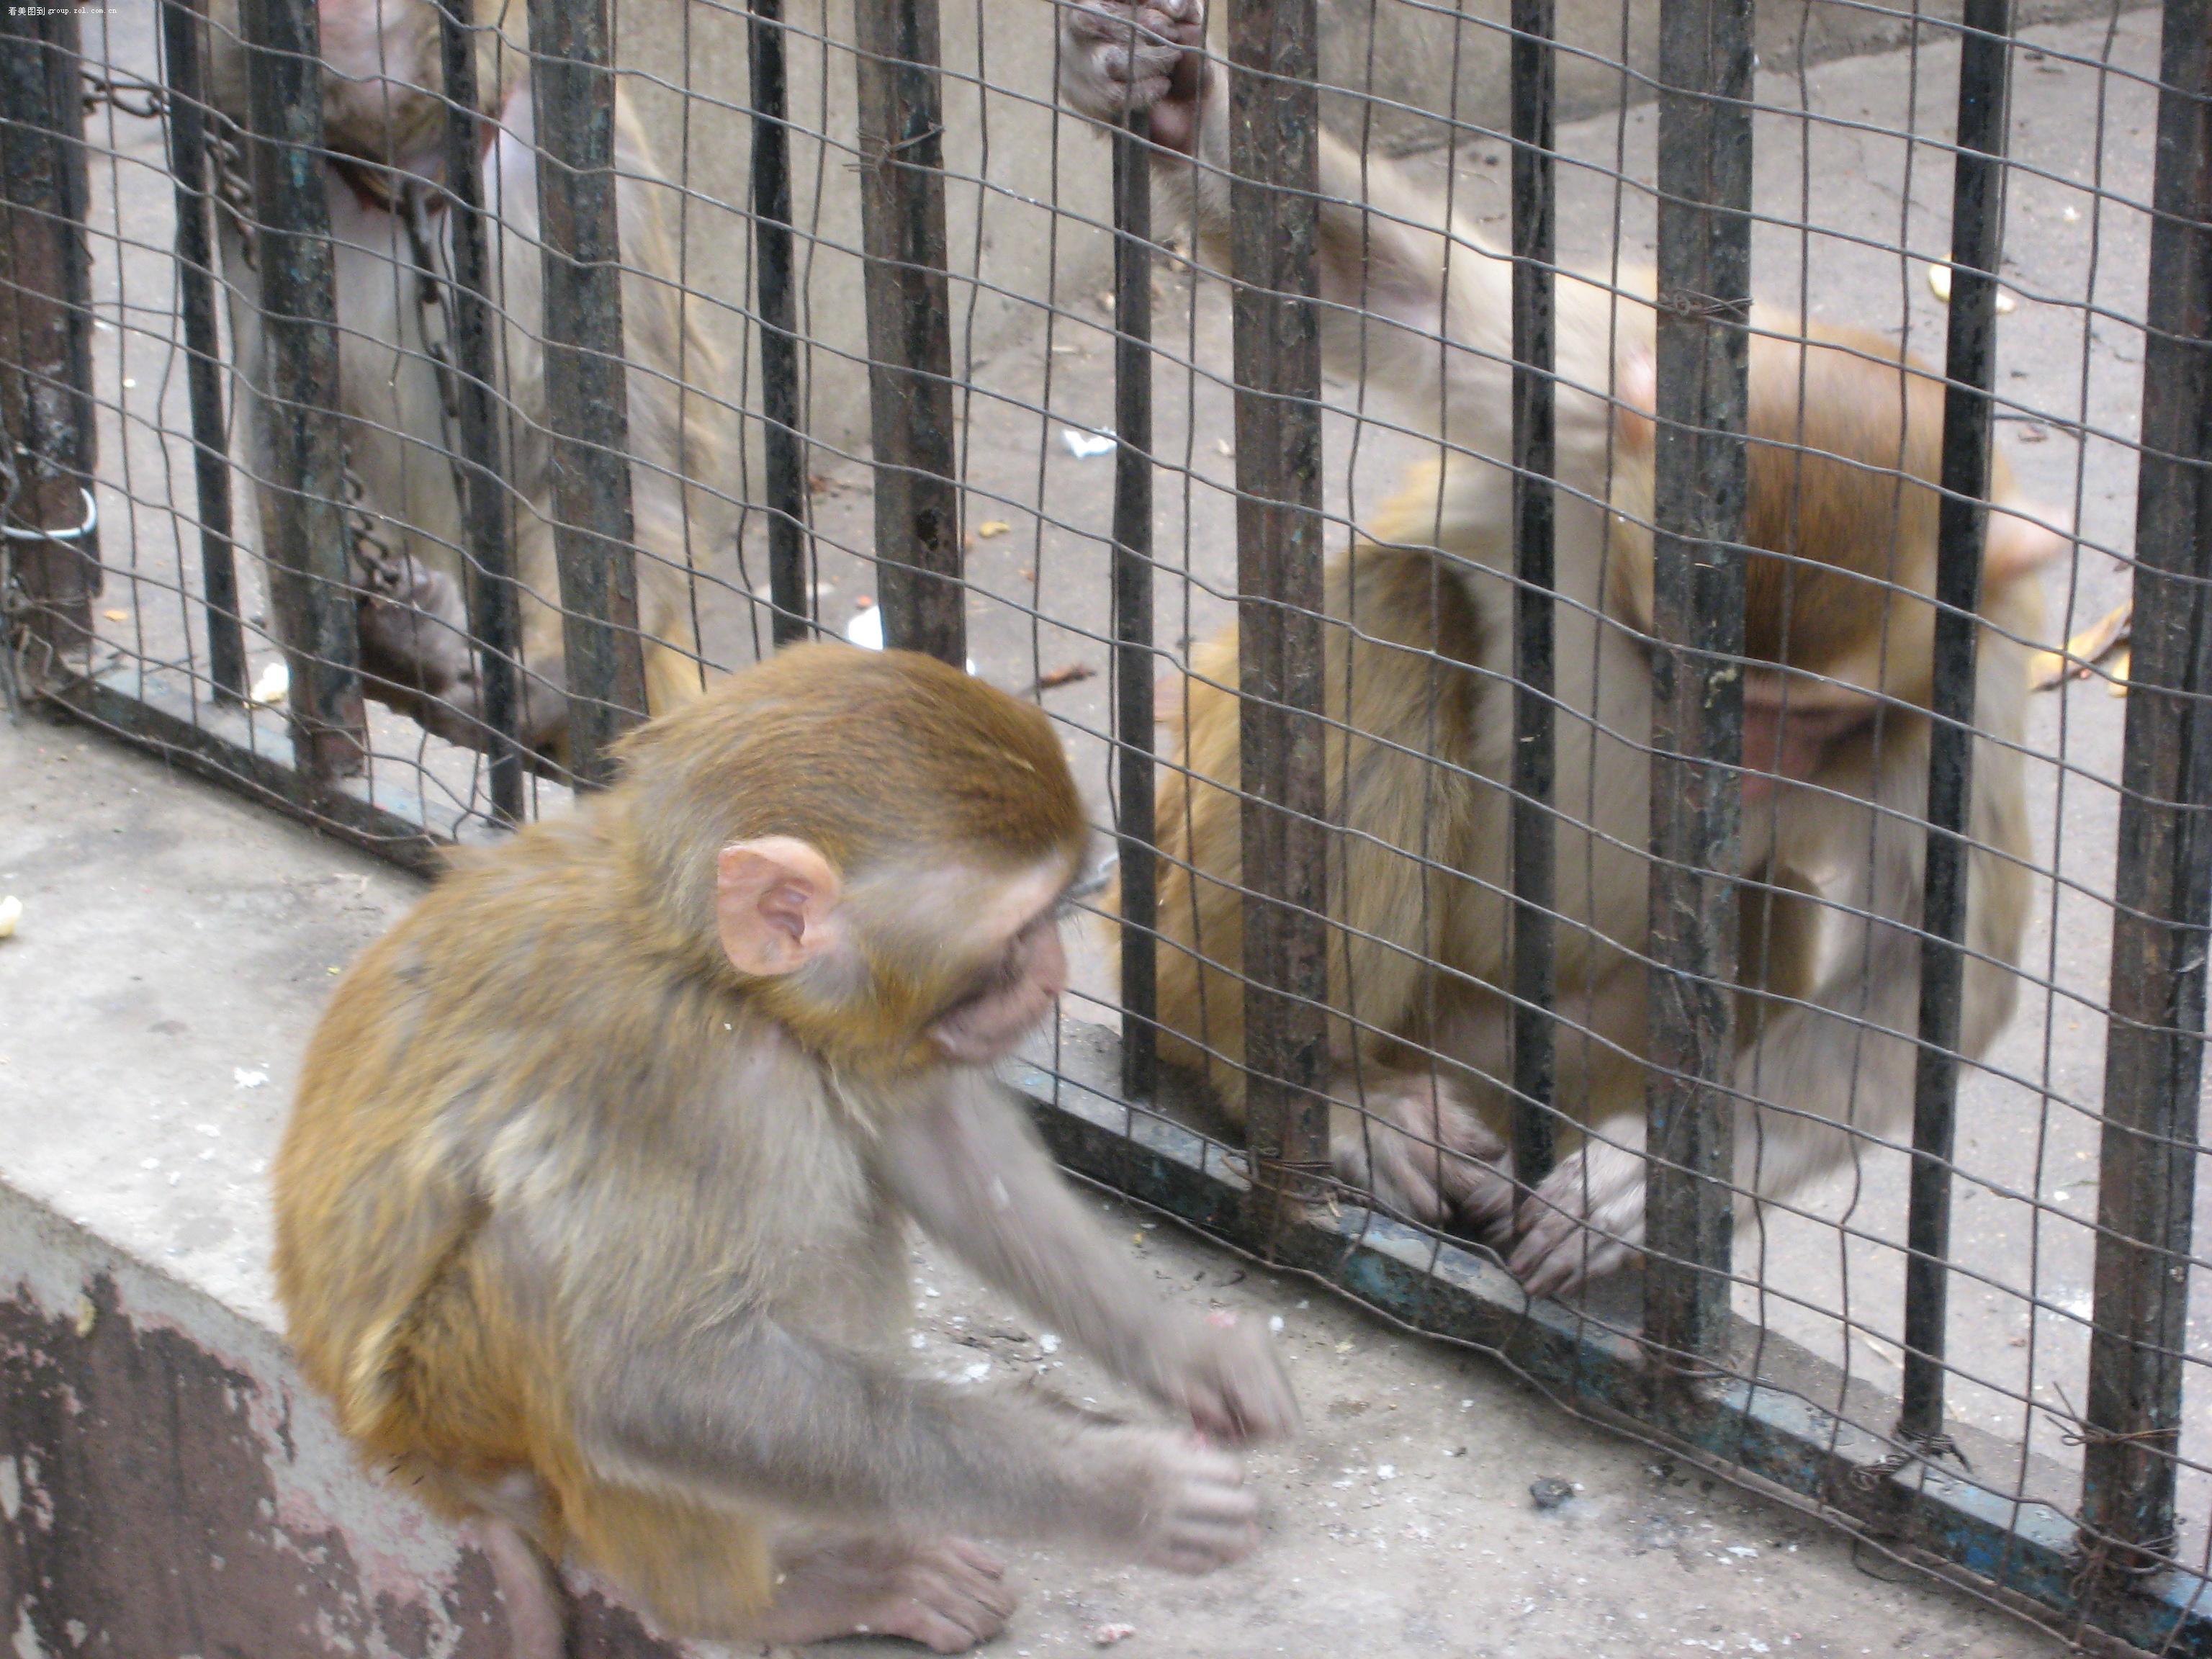 多可爱的小猴子呀!